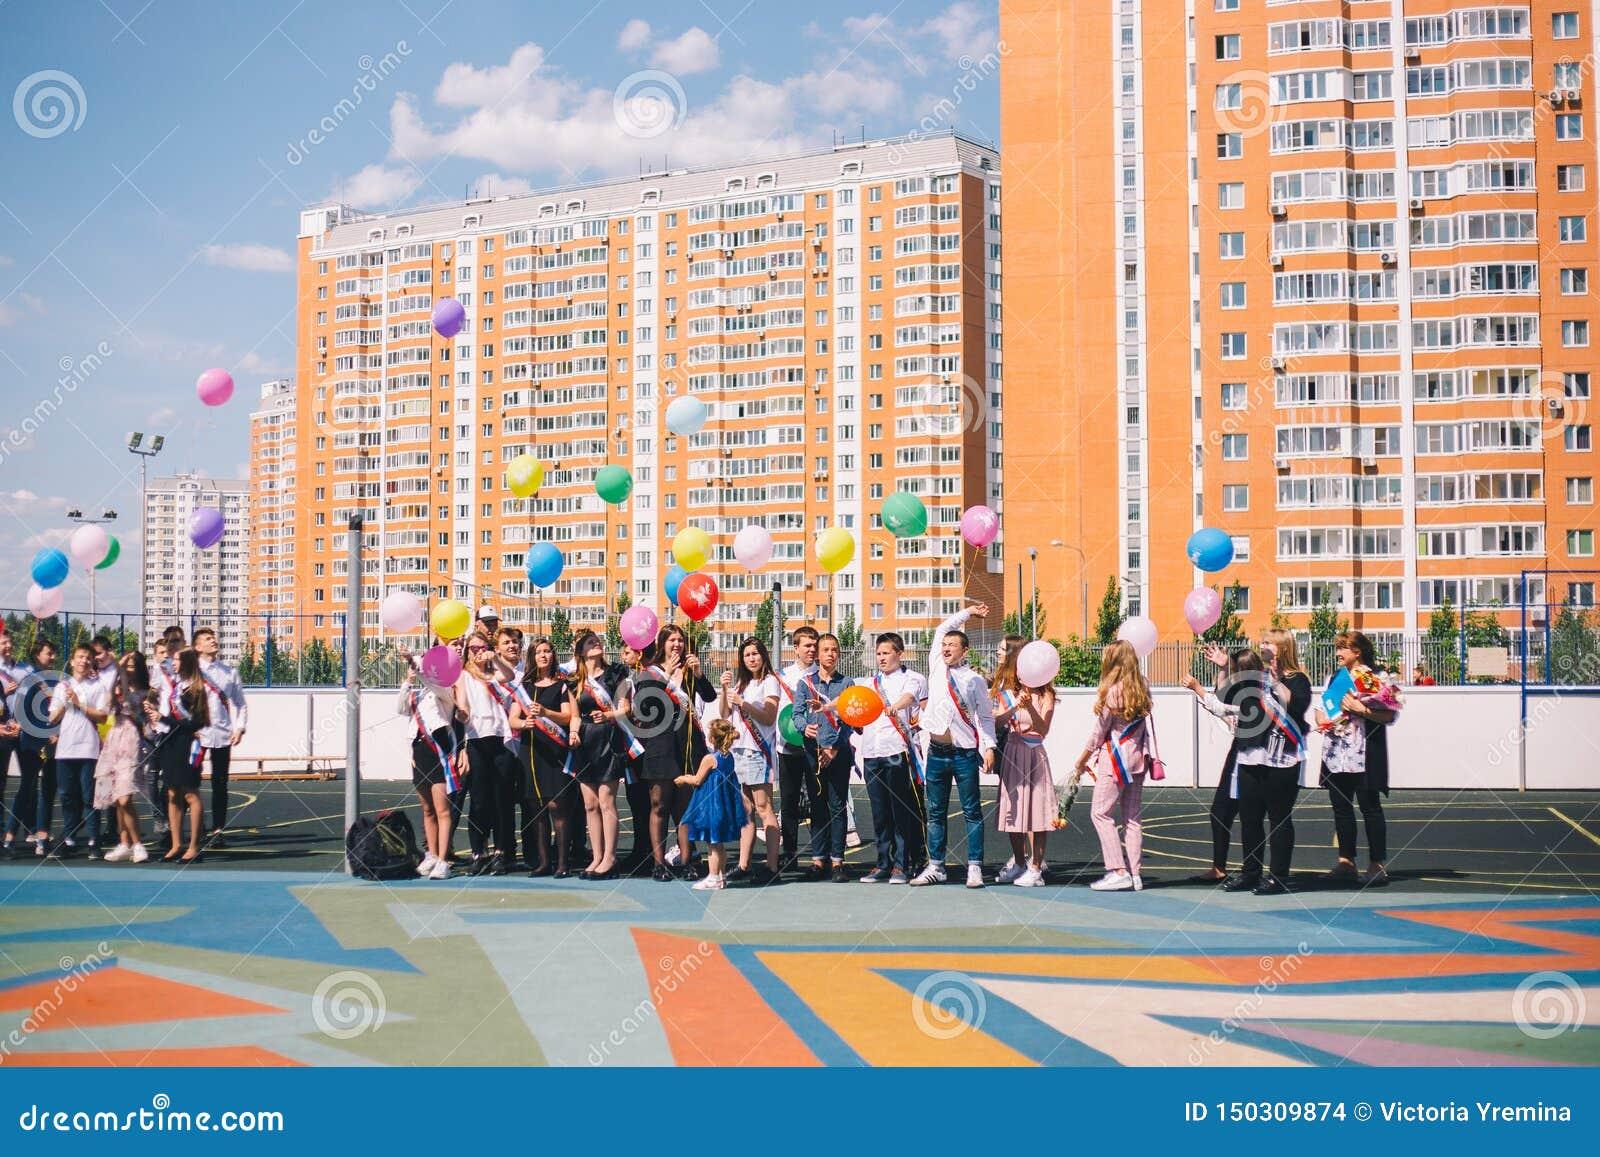 Moskou, Rusland - 22 Mei 2019: De gediplomeerden van de school zijn in de yard en laten de ballons